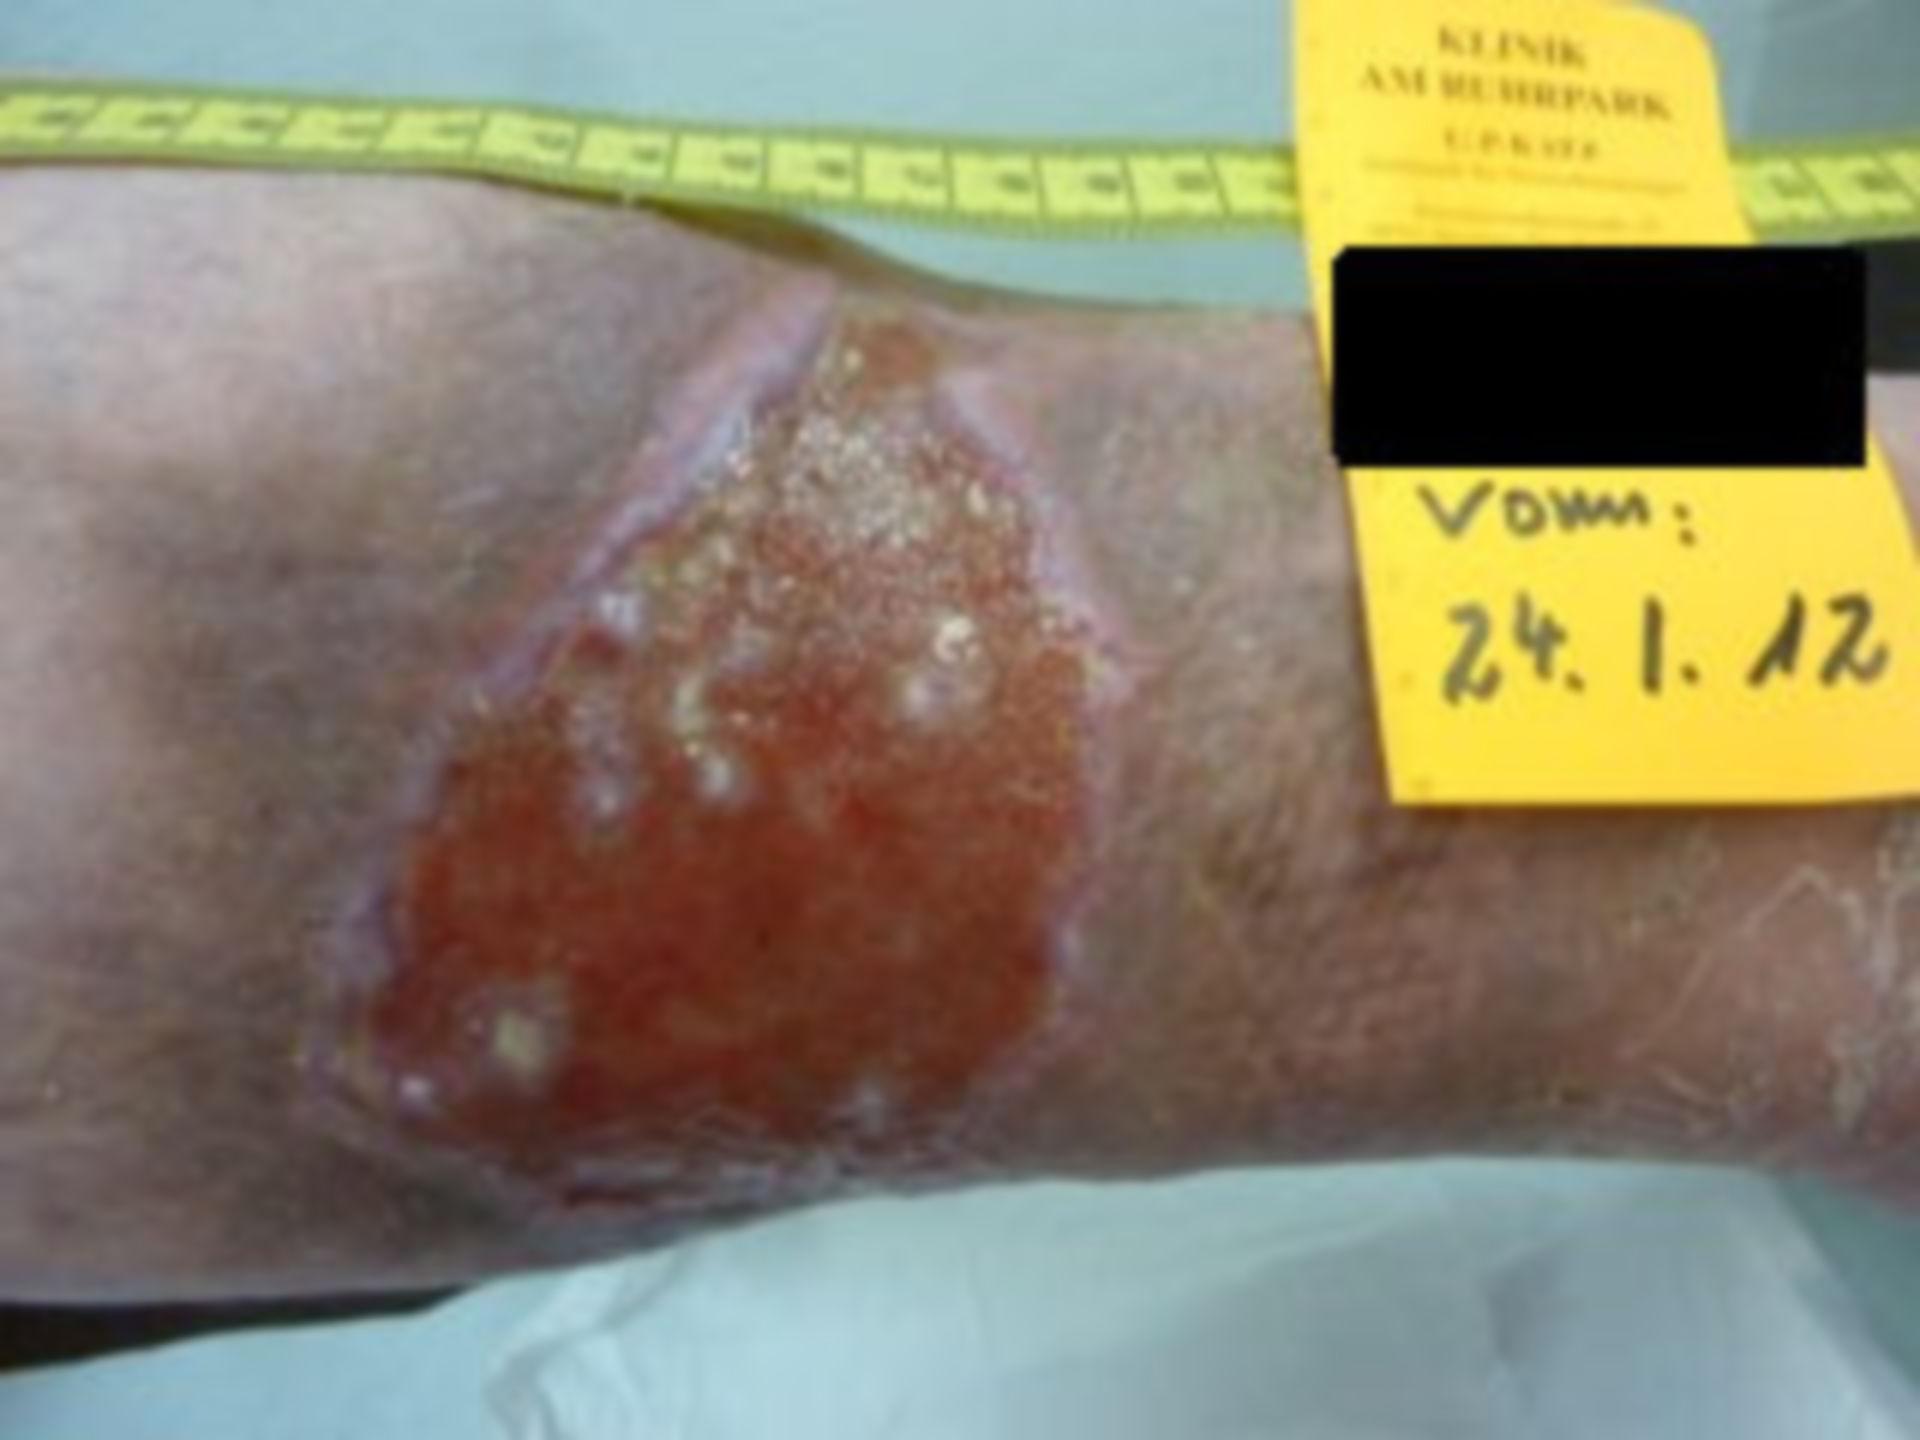 Úlcera de la pierna, abierta por 7 años (26) - 24.01.12